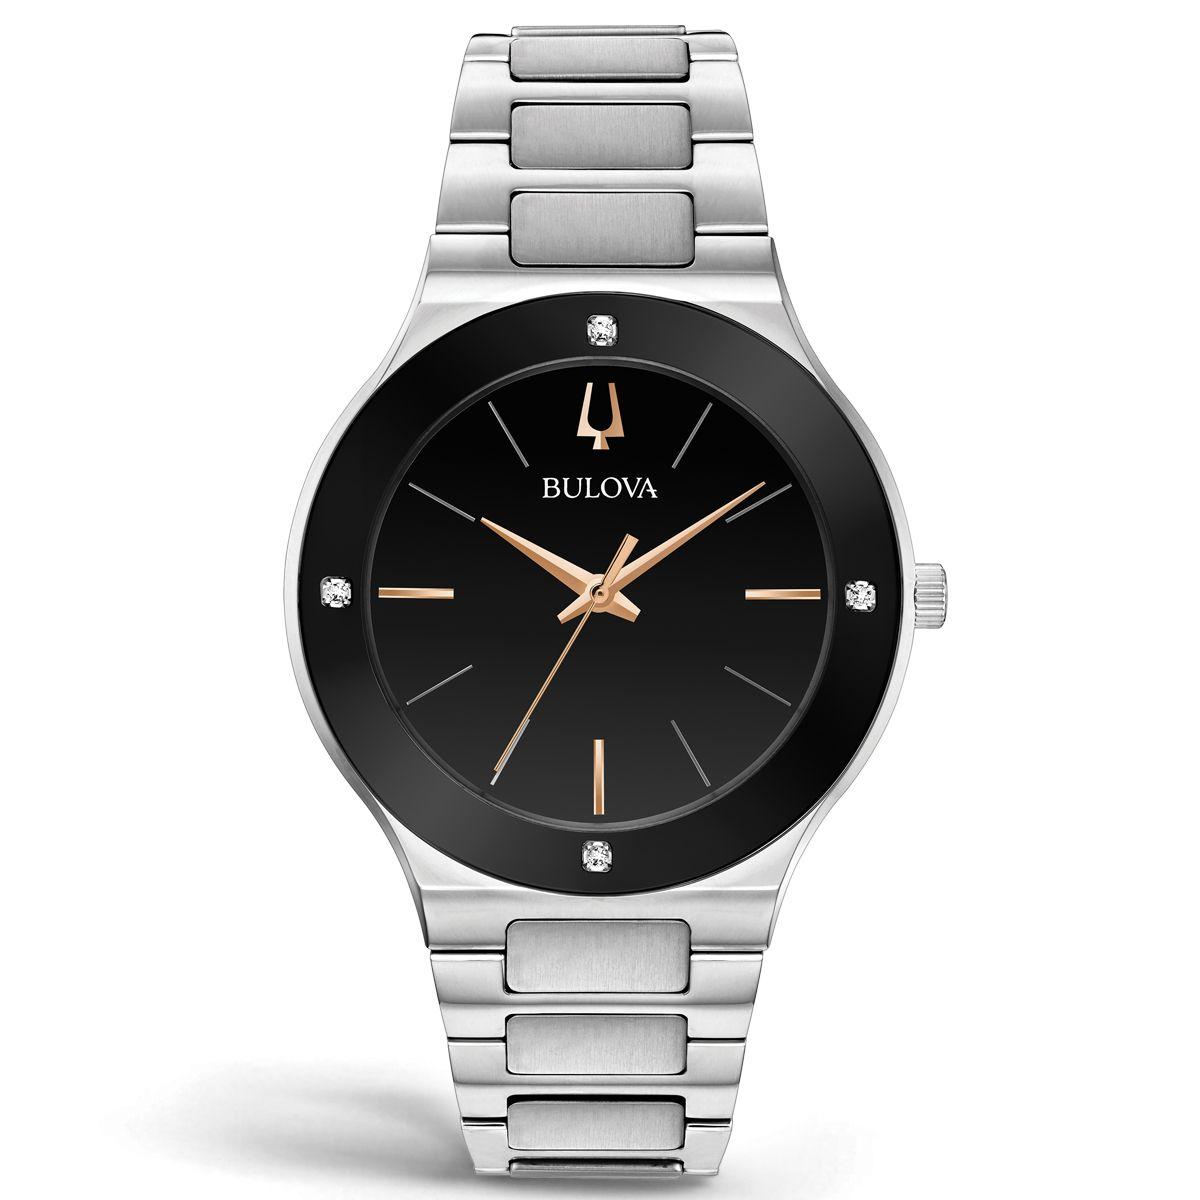 ddf656342e5 Bulova Watches - Macy s